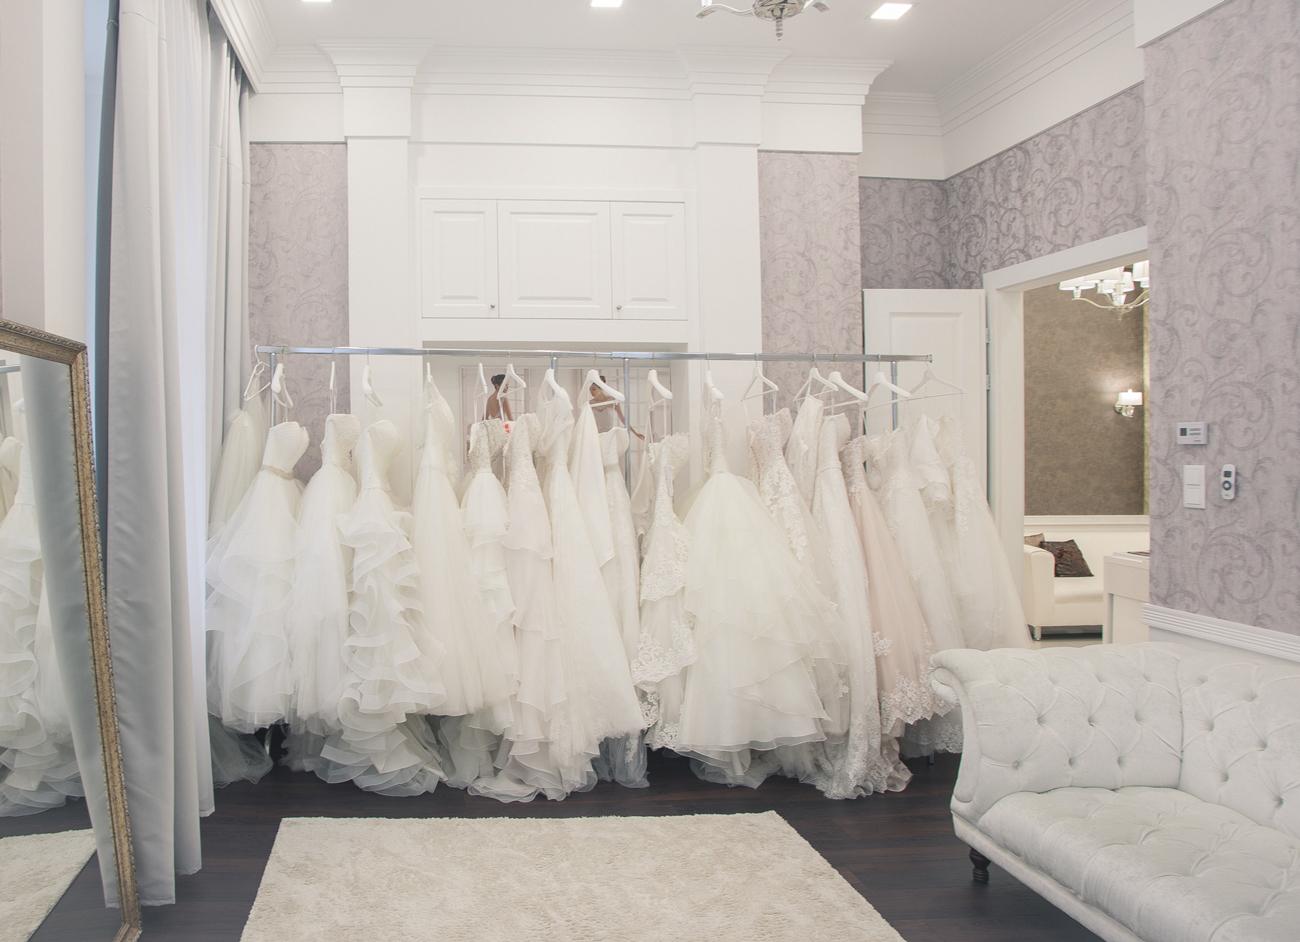 Vicora Esküvői Ruhaszalon, Finom elegancia, luxus kiszolgálás egy helyen: új helyre költözött a Vicora Esküvői Ruhaszalon